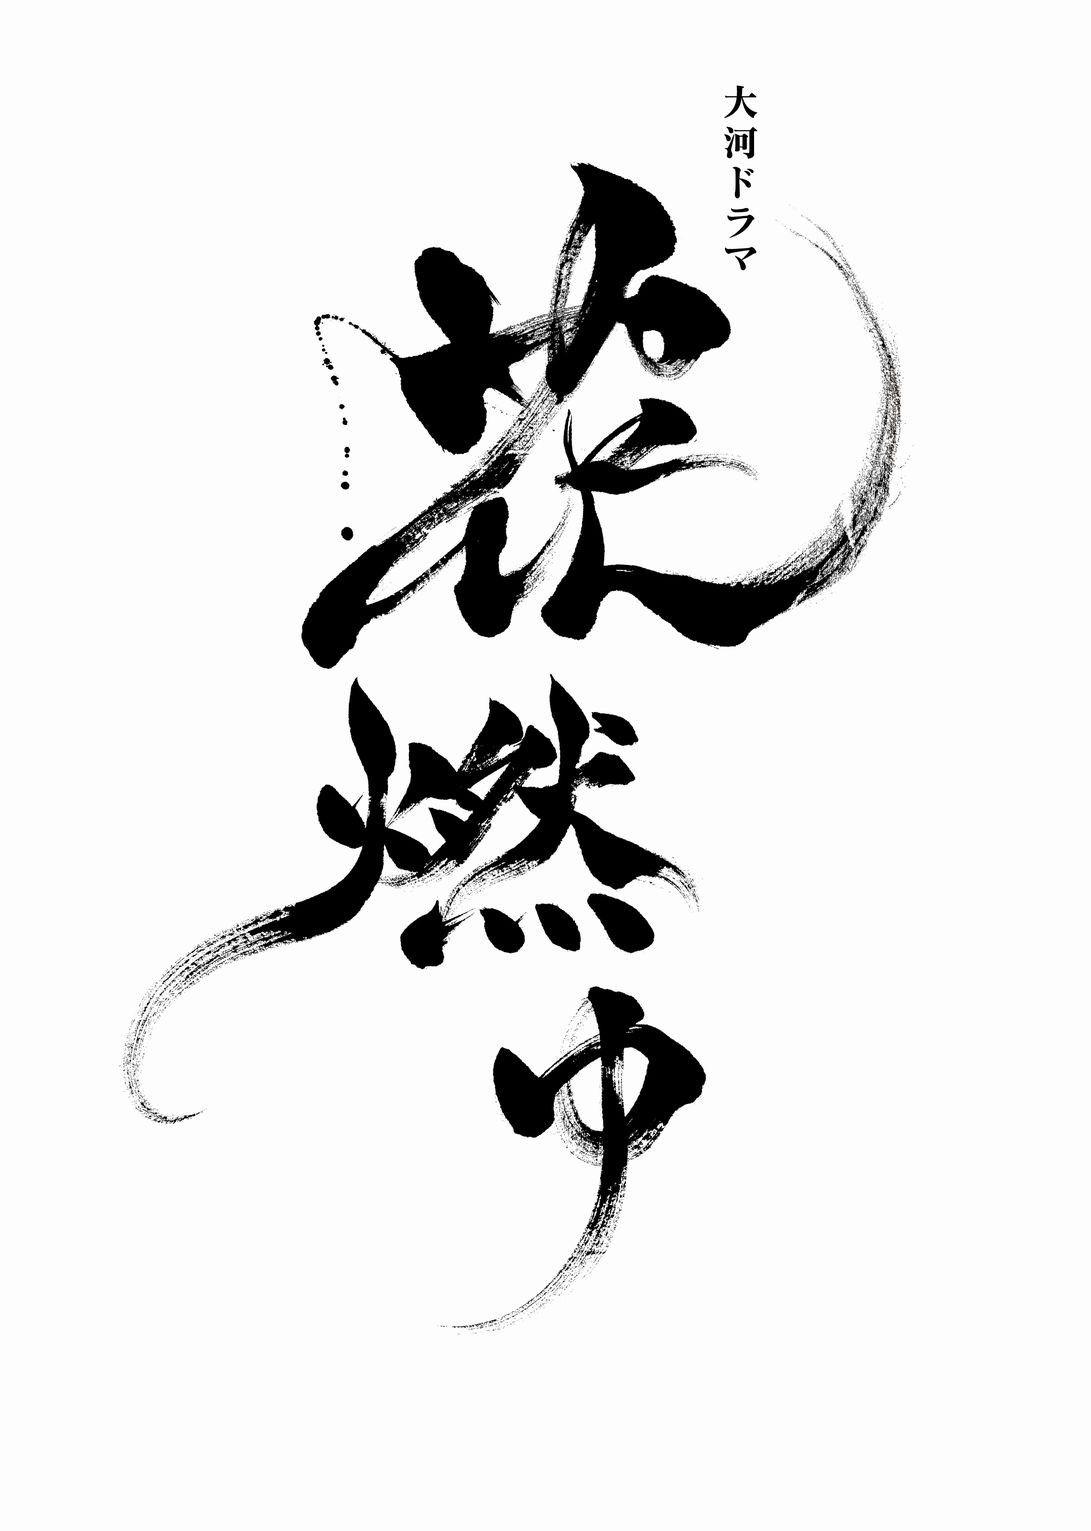 花燃ゆ 2015 #chinesetypography